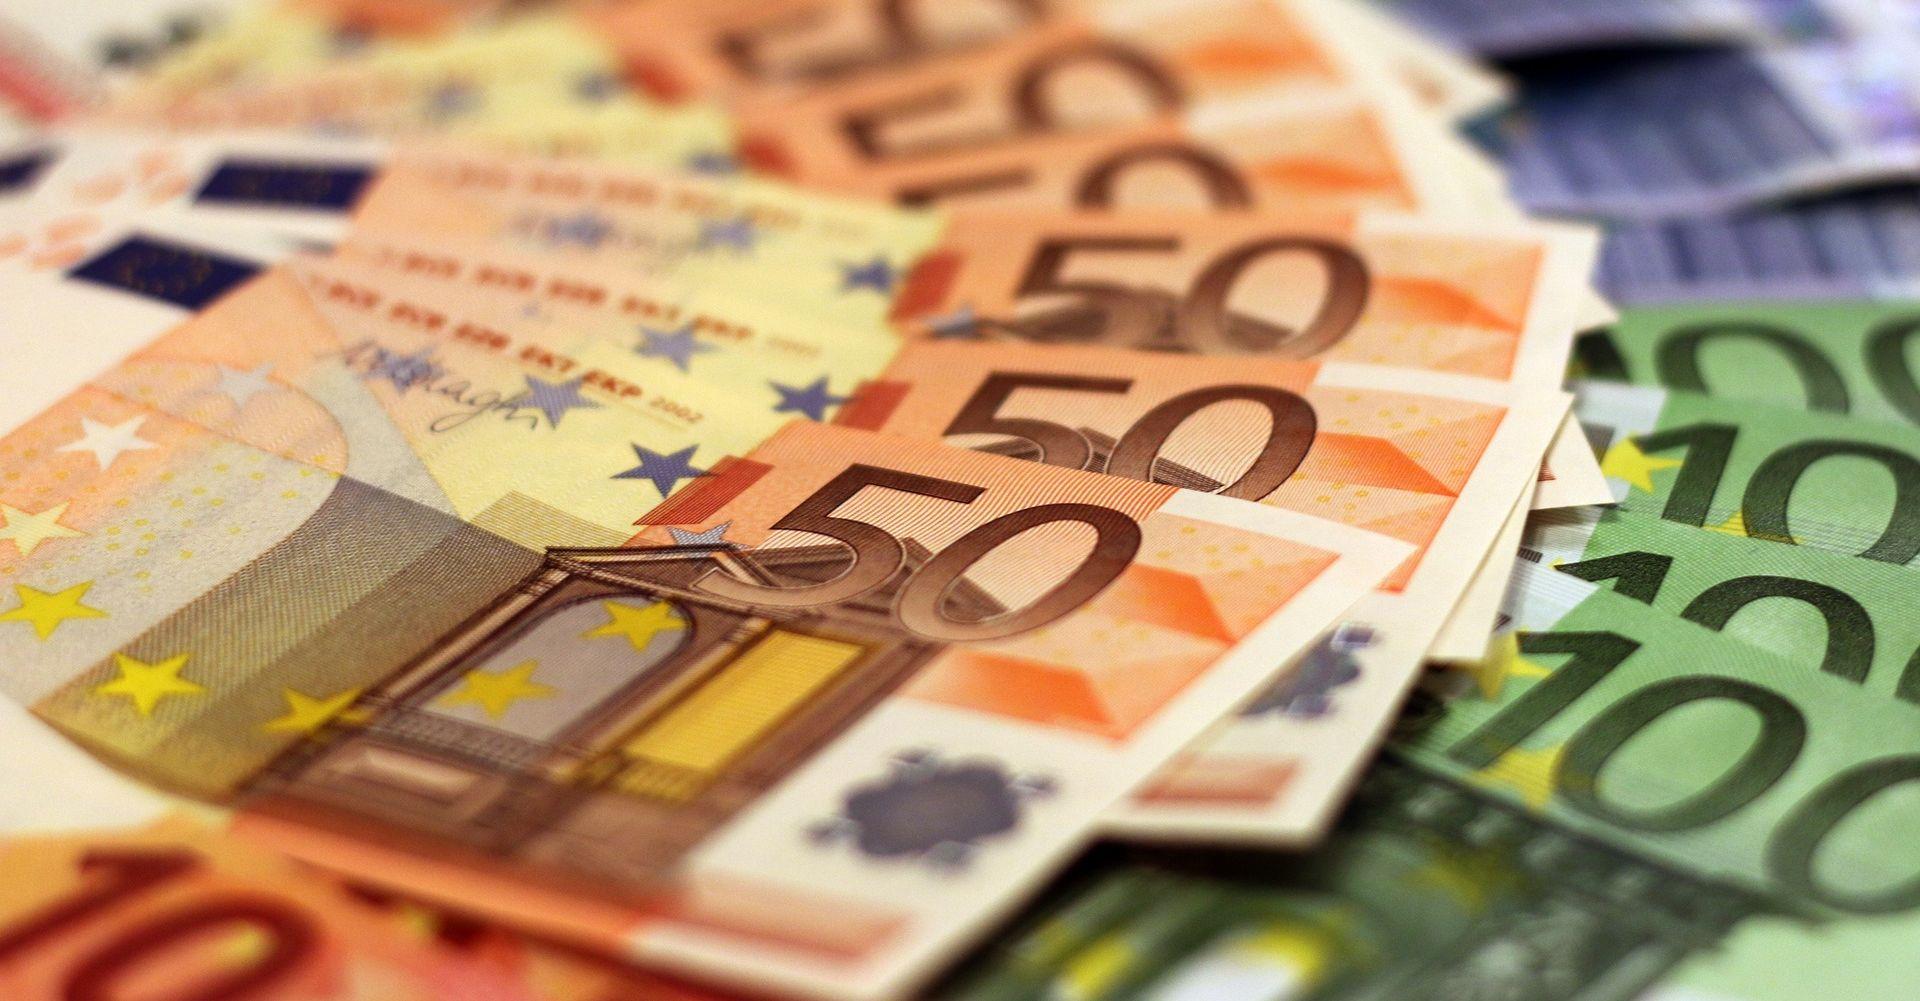 Njemačka zabilježila rekordni proračunski višak u 2015.